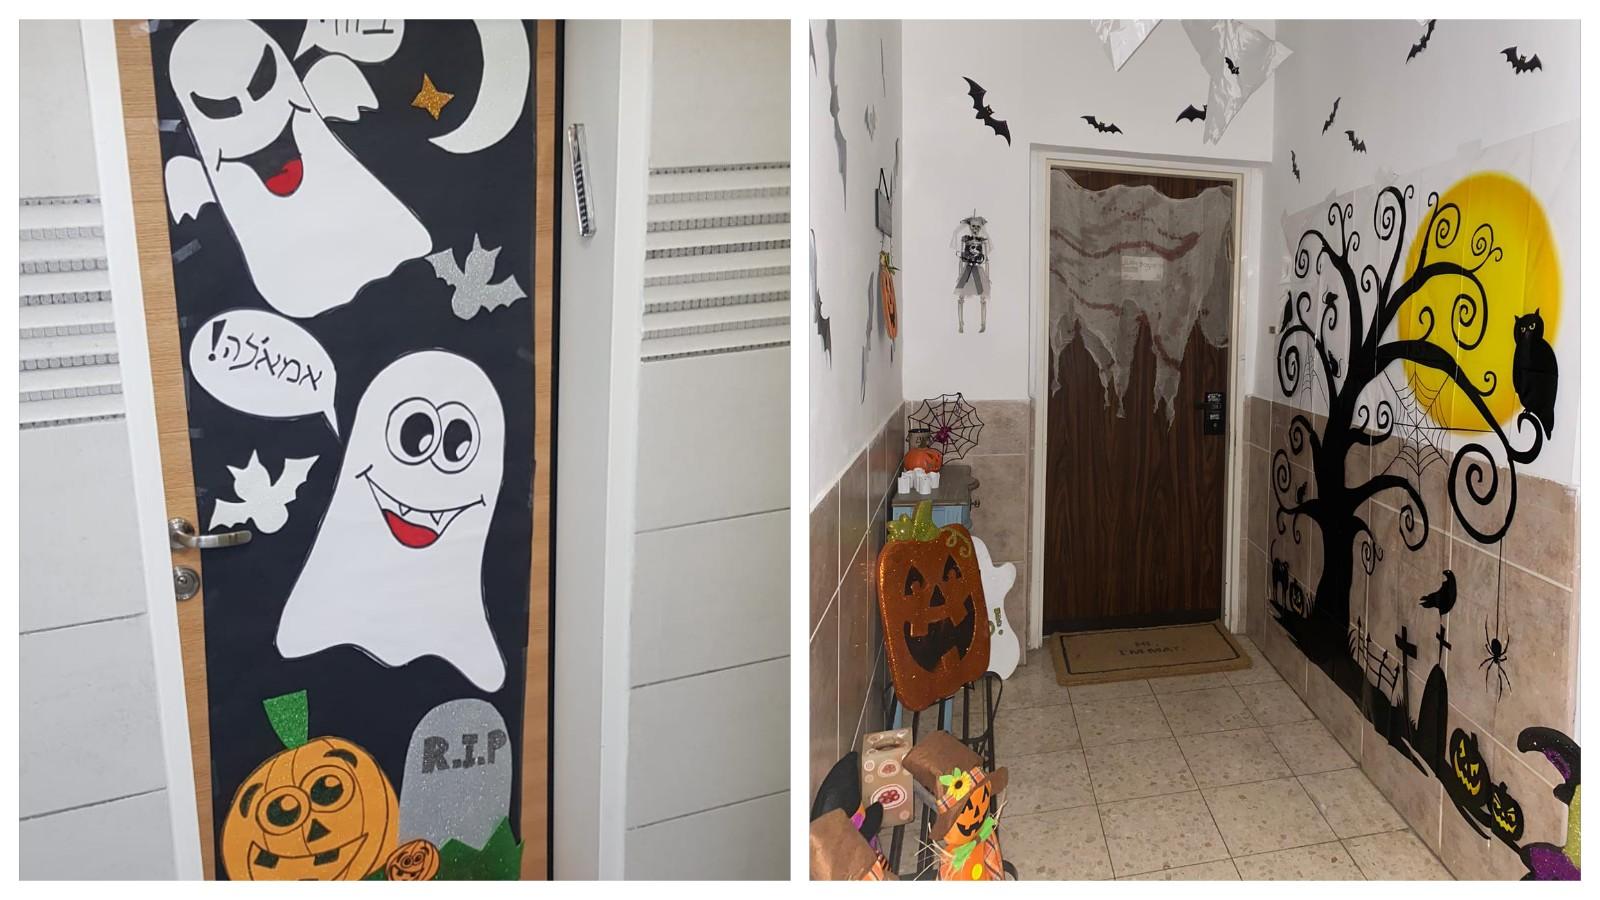 חזית הדירה של מיטל הרשקוביץ (מימין) והדלת של קארין בוארון